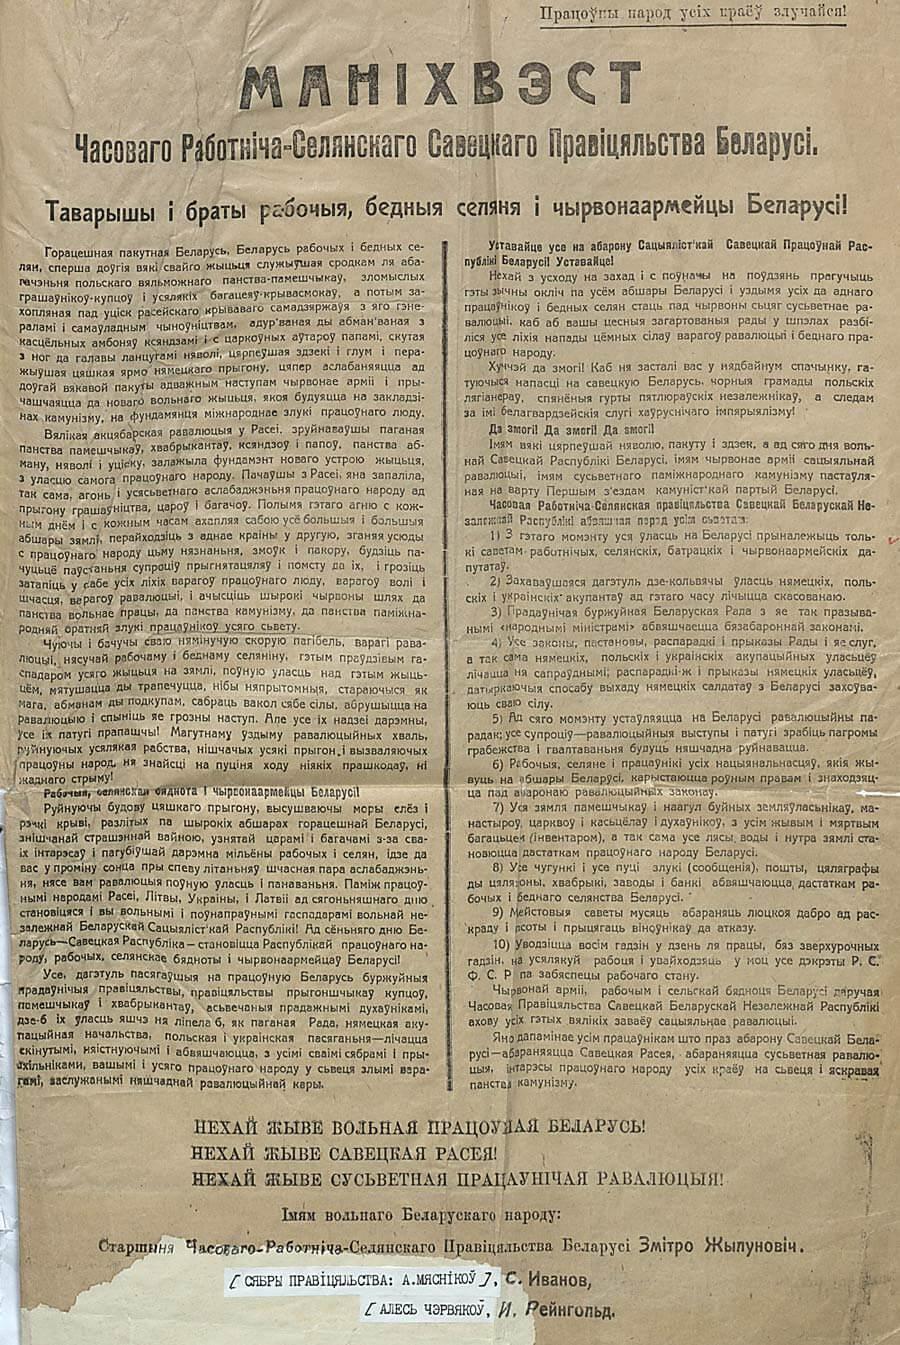 Маніхвэст 1919 года